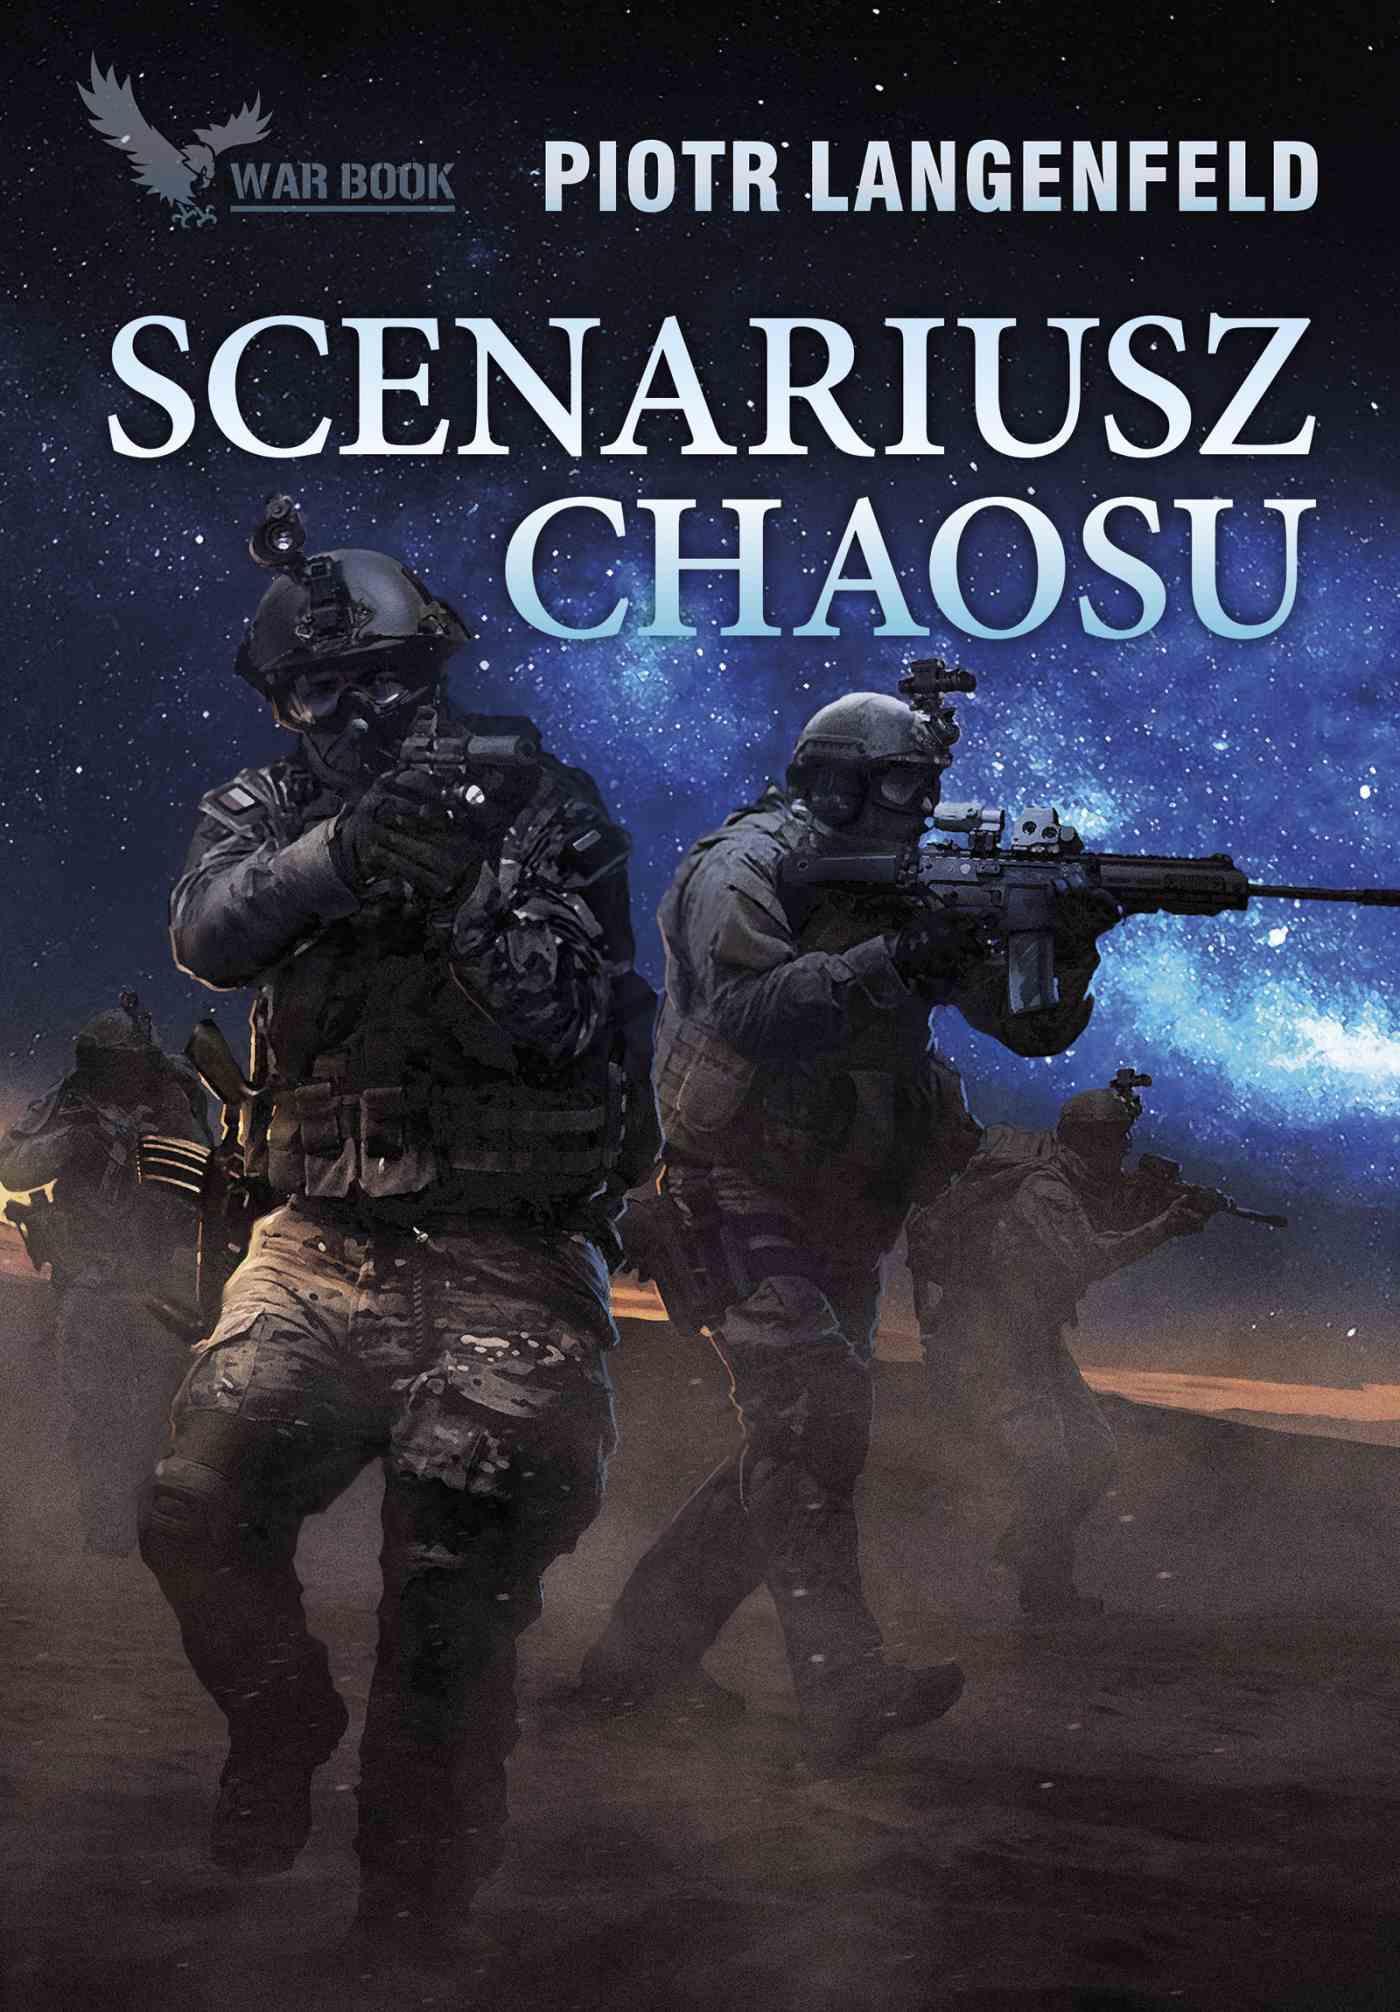 Scenariusz chaosu - Ebook (Książka EPUB) do pobrania w formacie EPUB